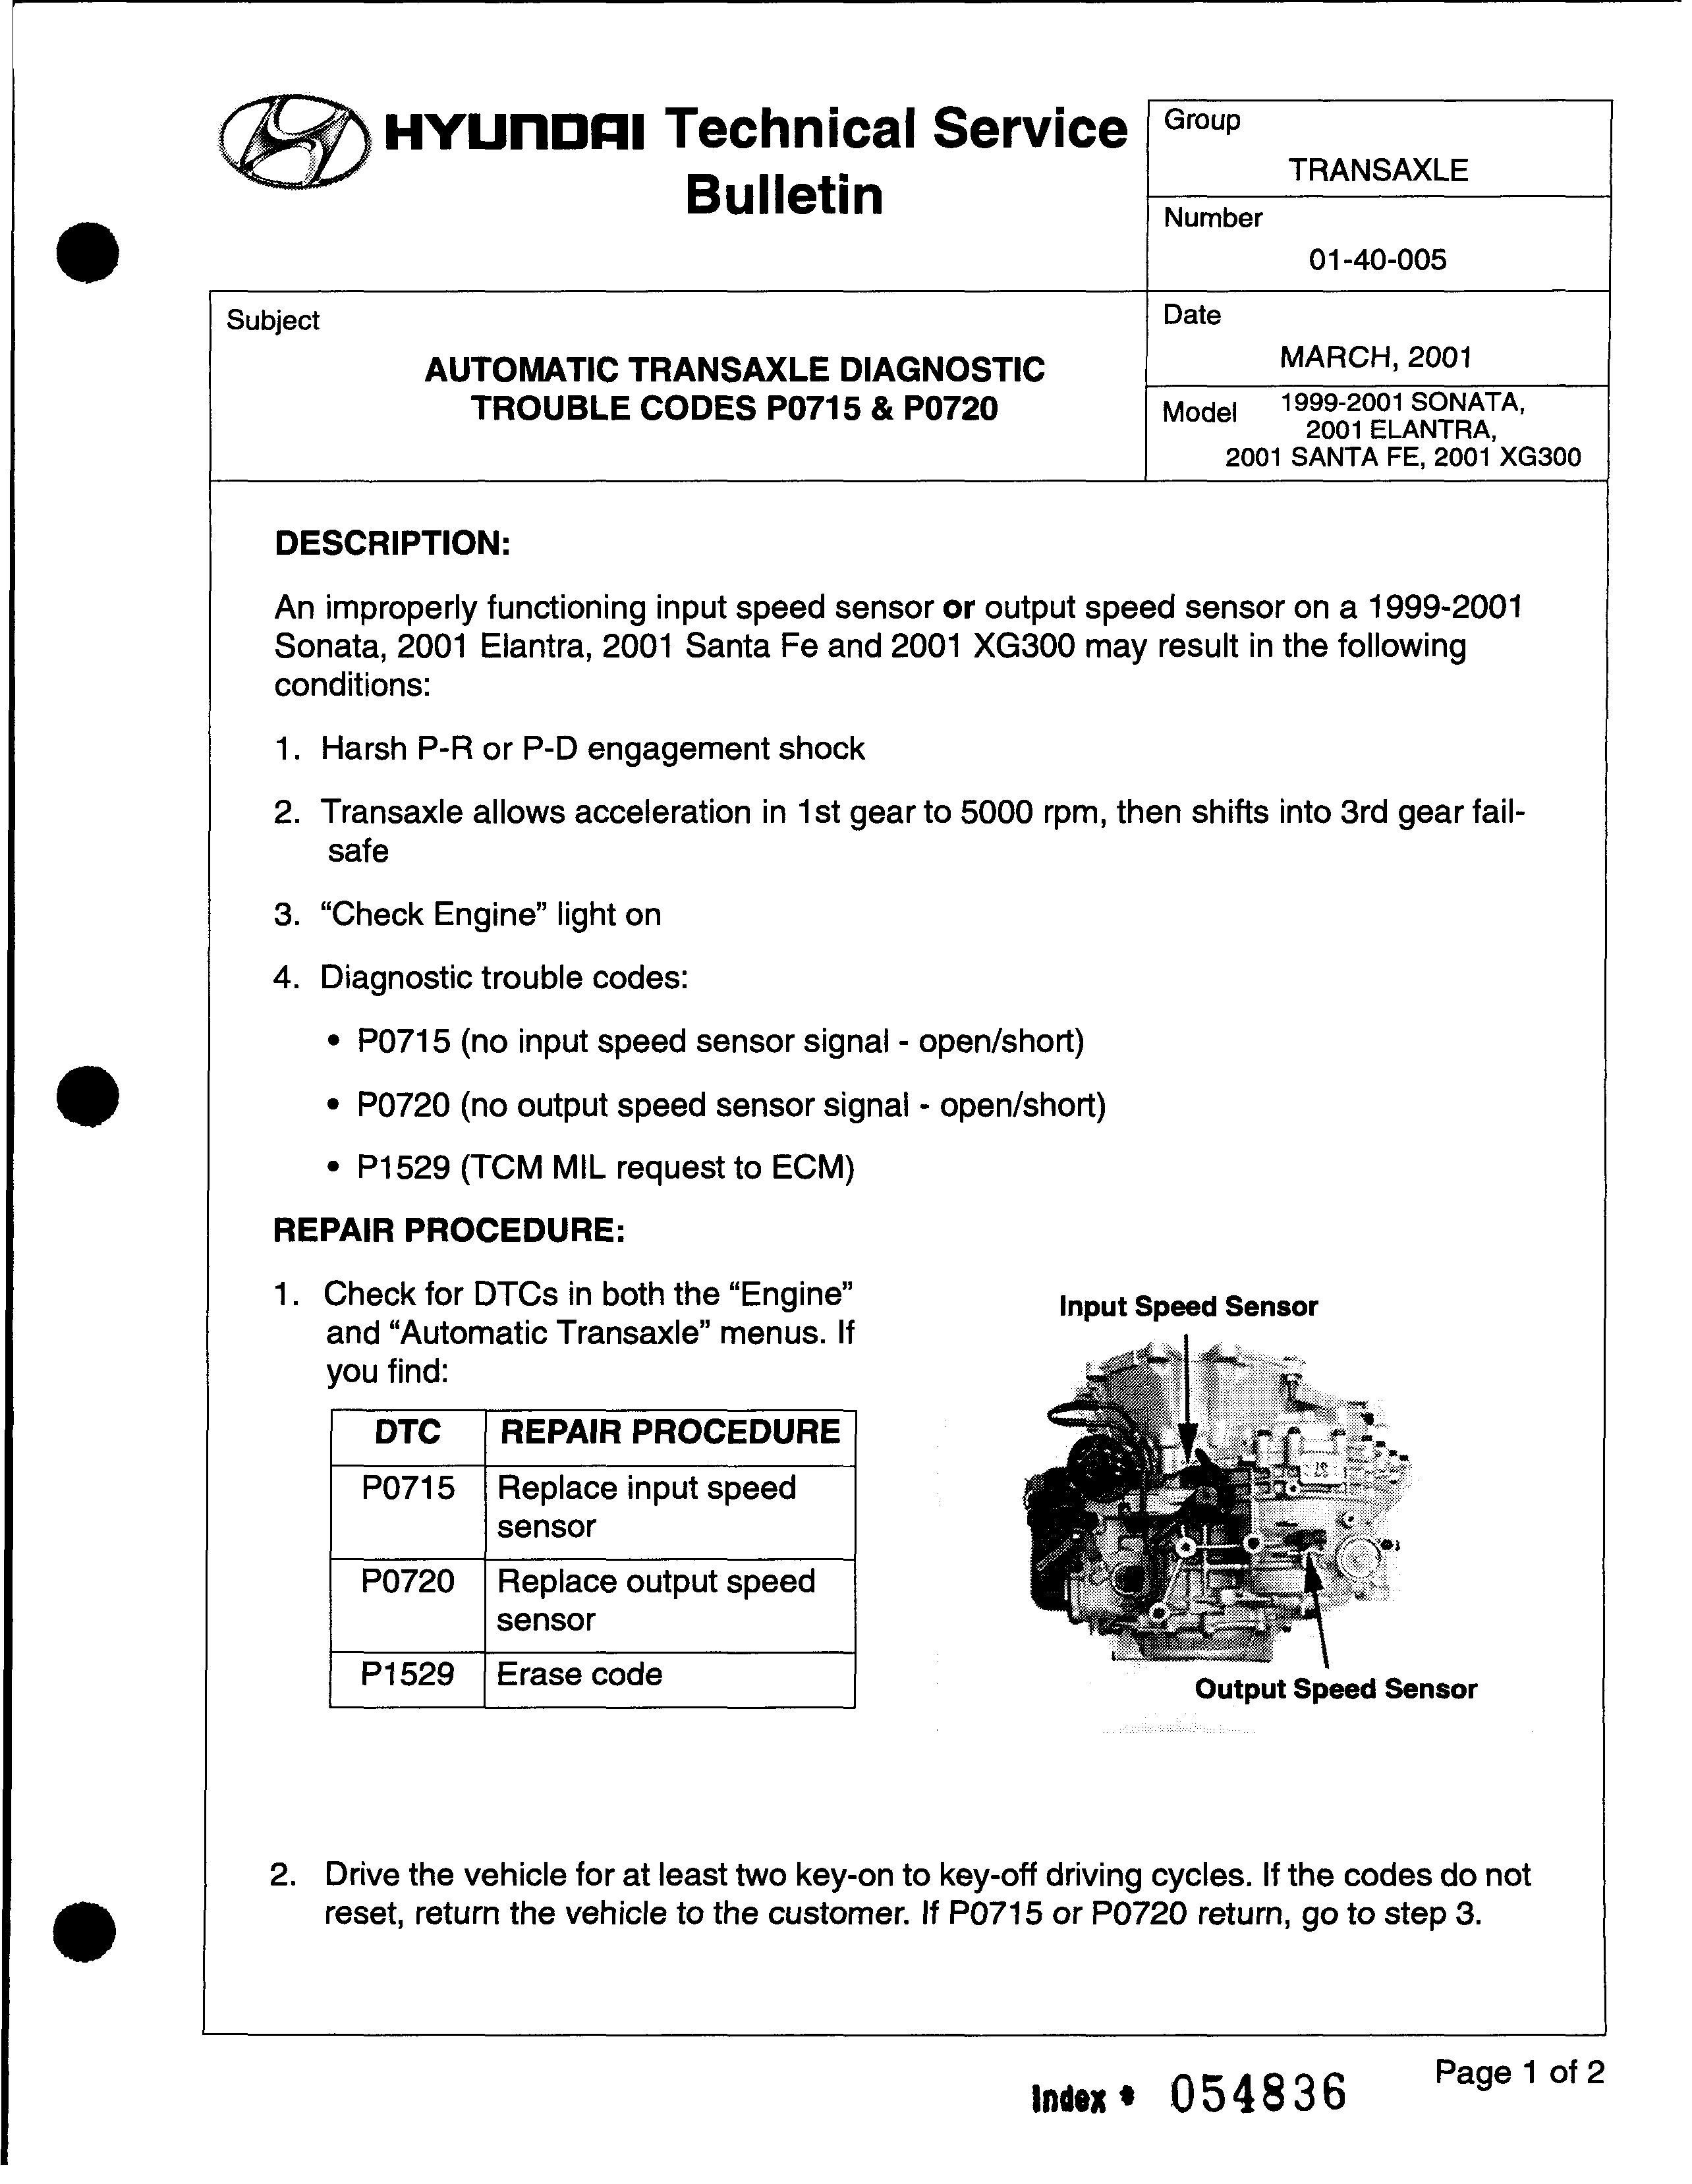 Hyundai Fault Code List DTC